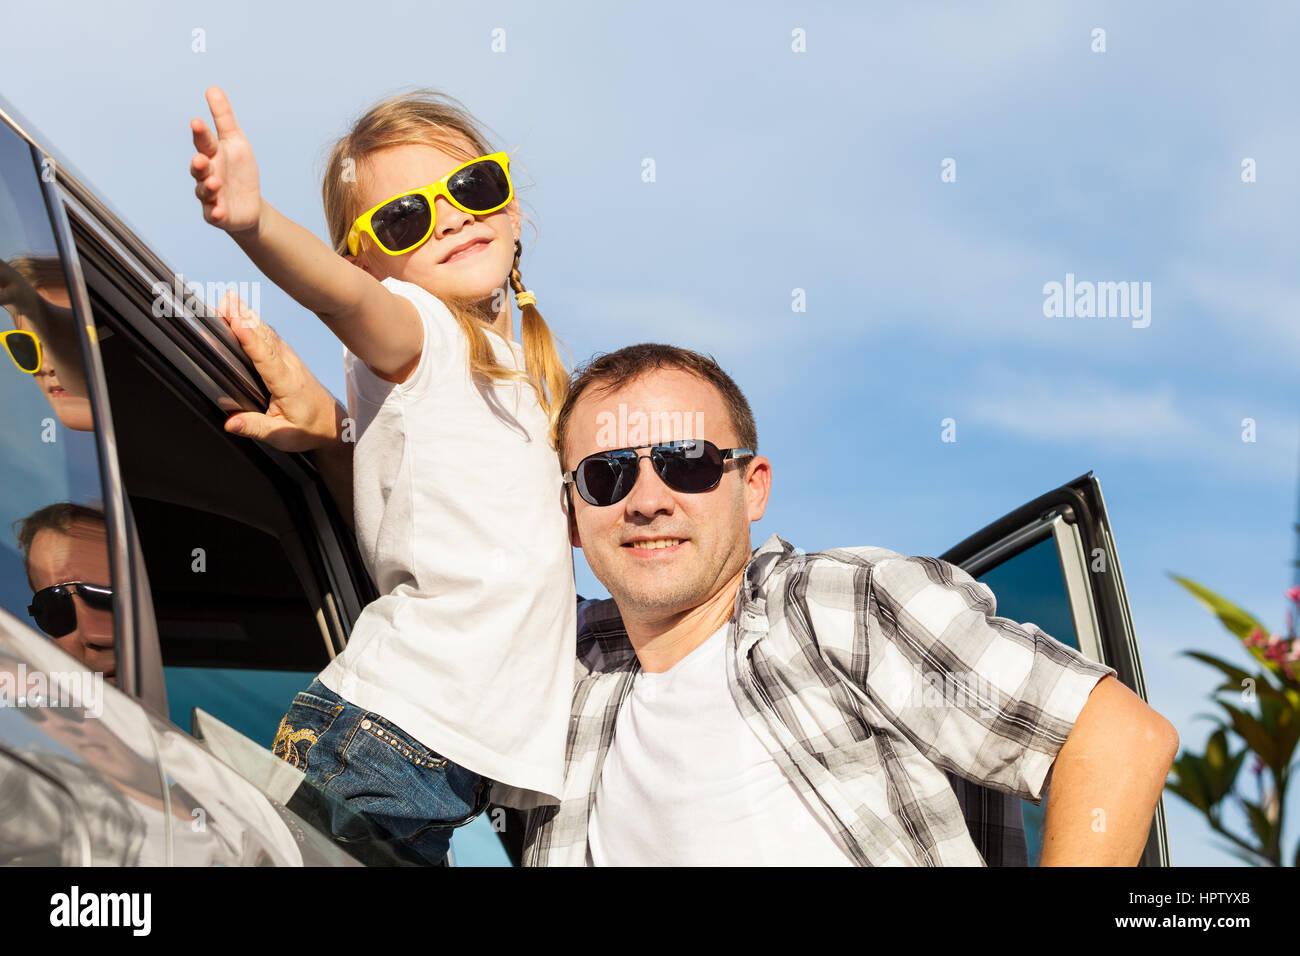 Padre e hija felices preparándose para el viaje por carretera en un día soleado. Concepto de ambiente Imagen De Stock